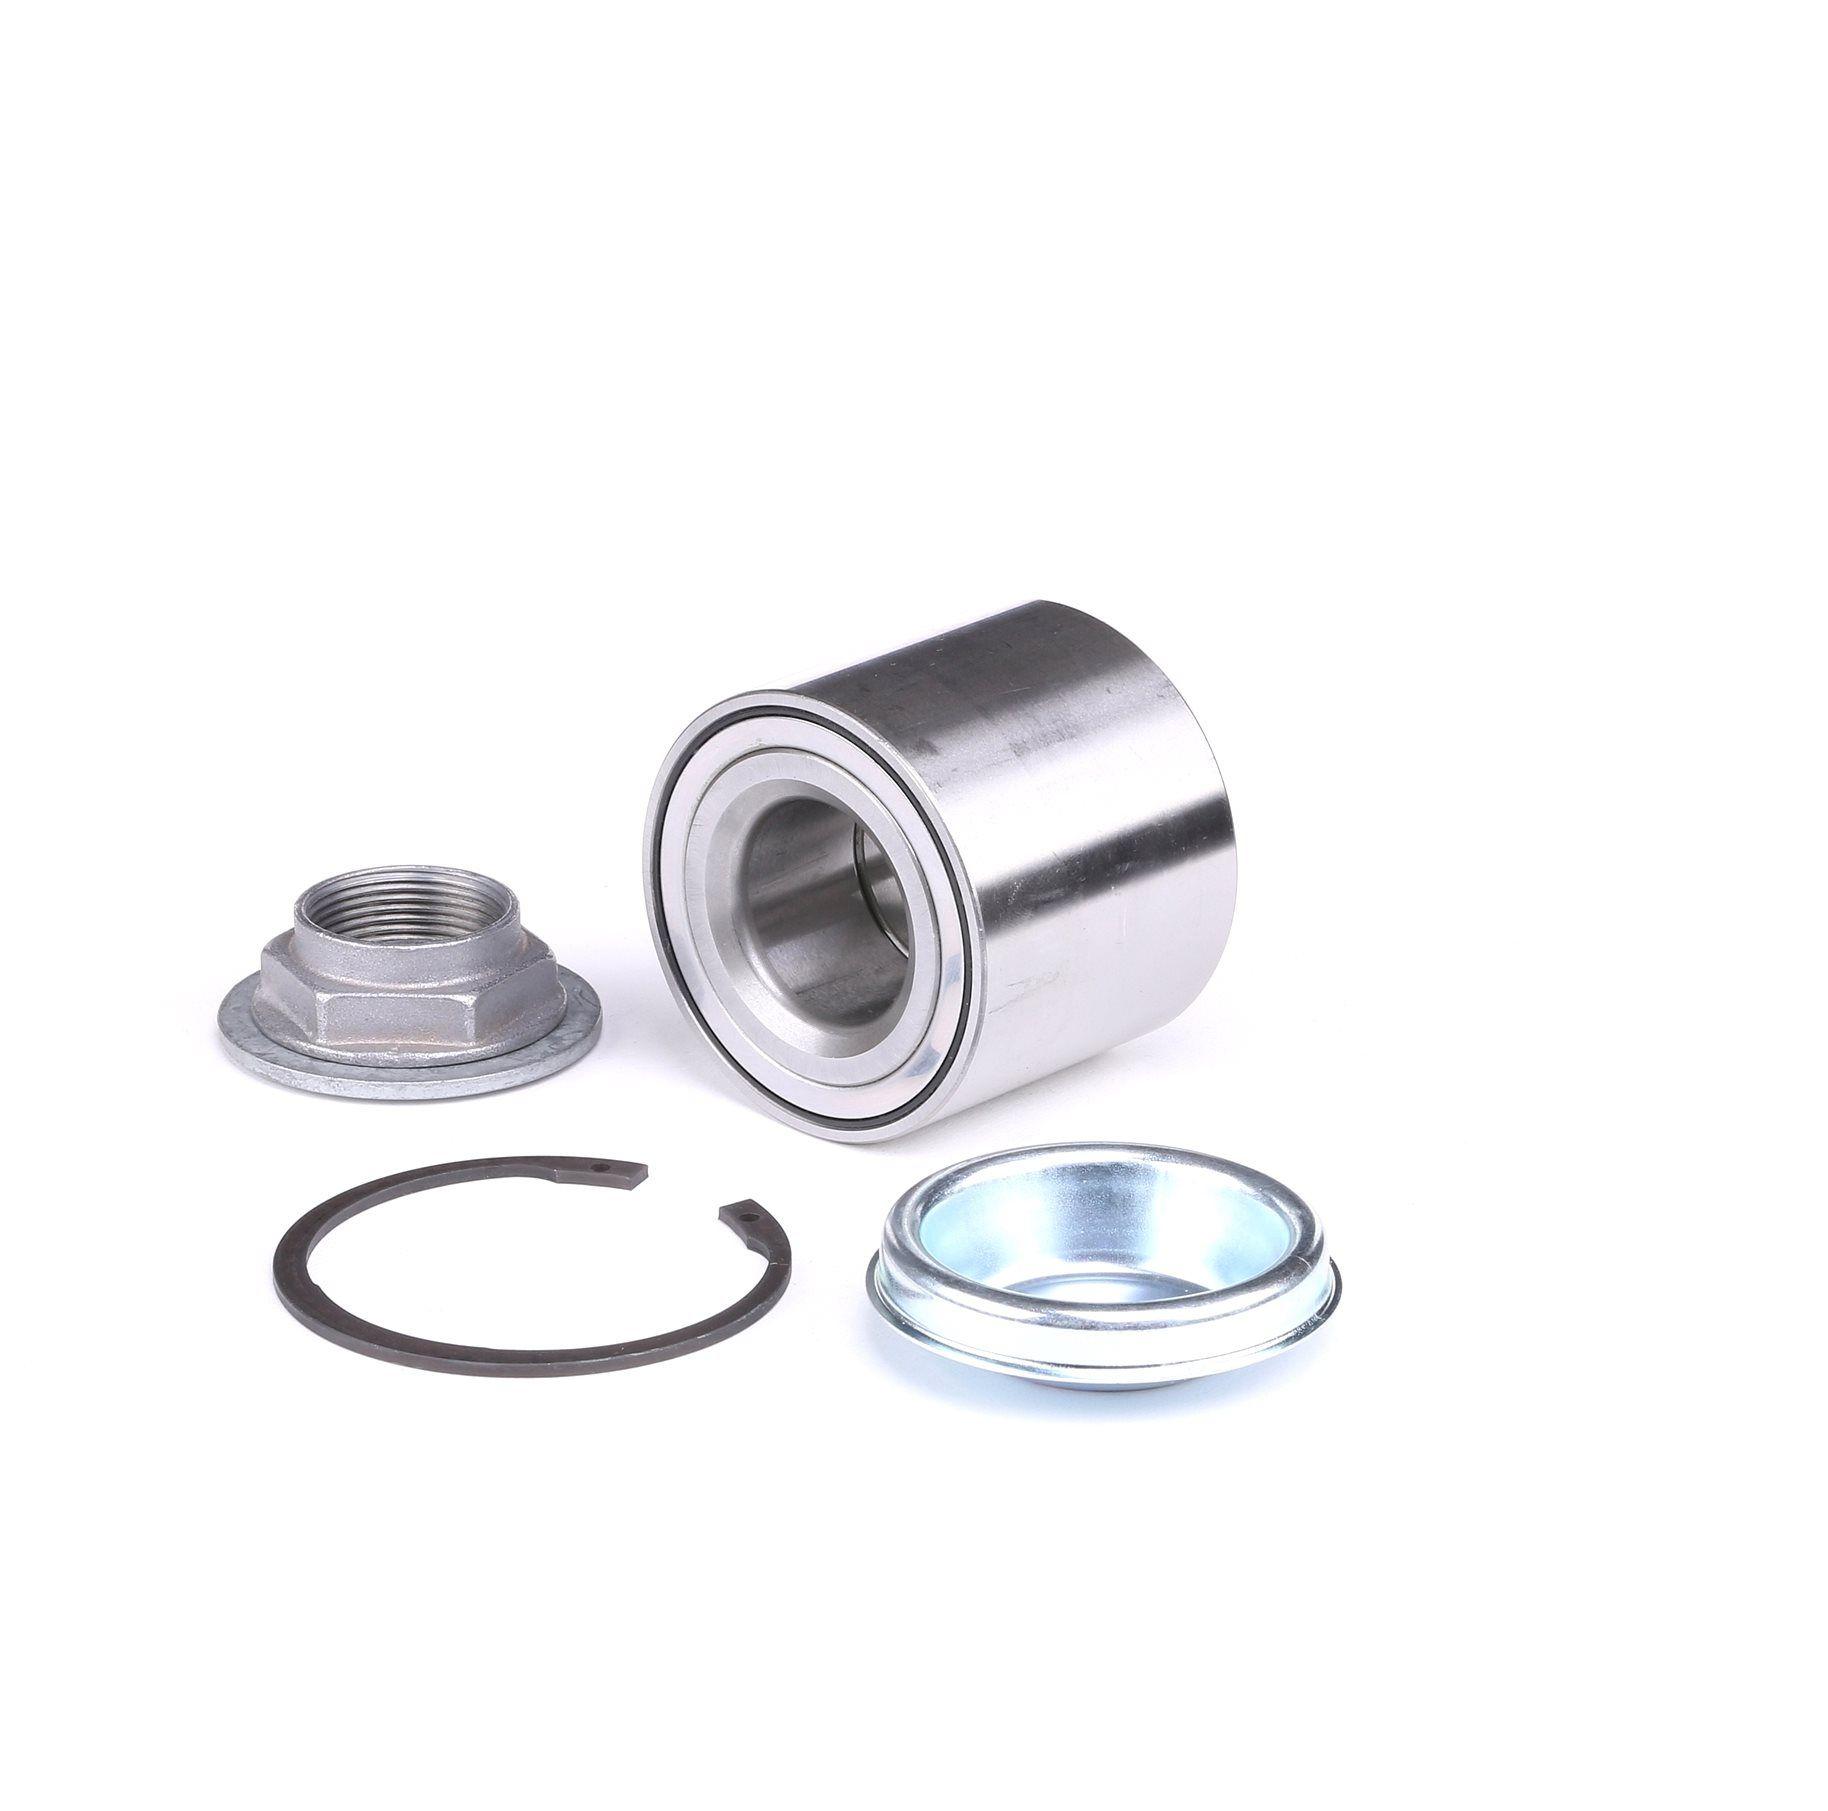 Acheter Jeu de roulements de roue Ø: 62mm, Diamètre intérieur: 30mm SKF VKBA 6549 à tout moment